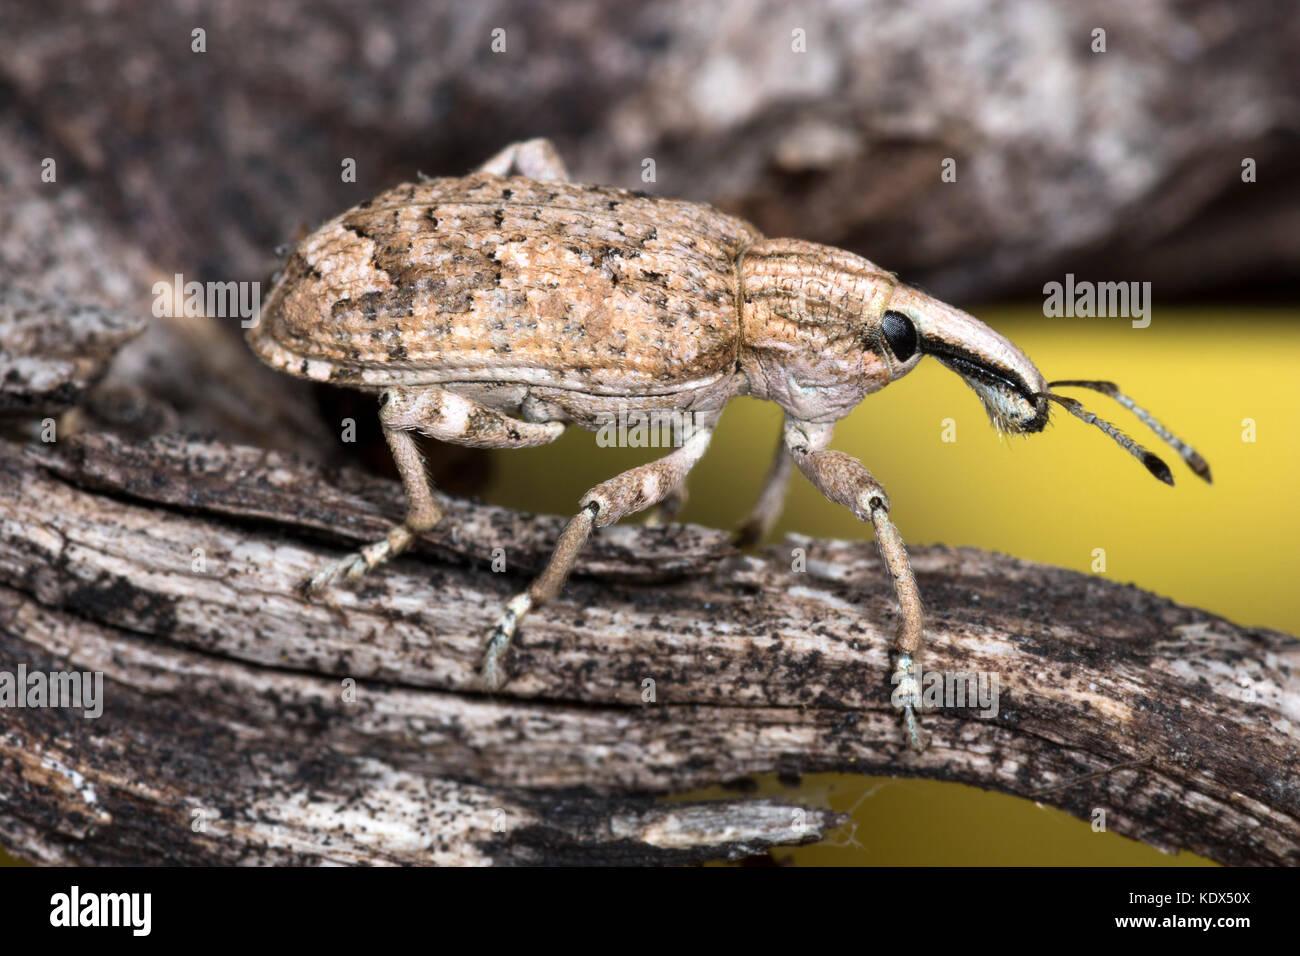 Rüsselkäfer Käfer Makro Foto Stockbild